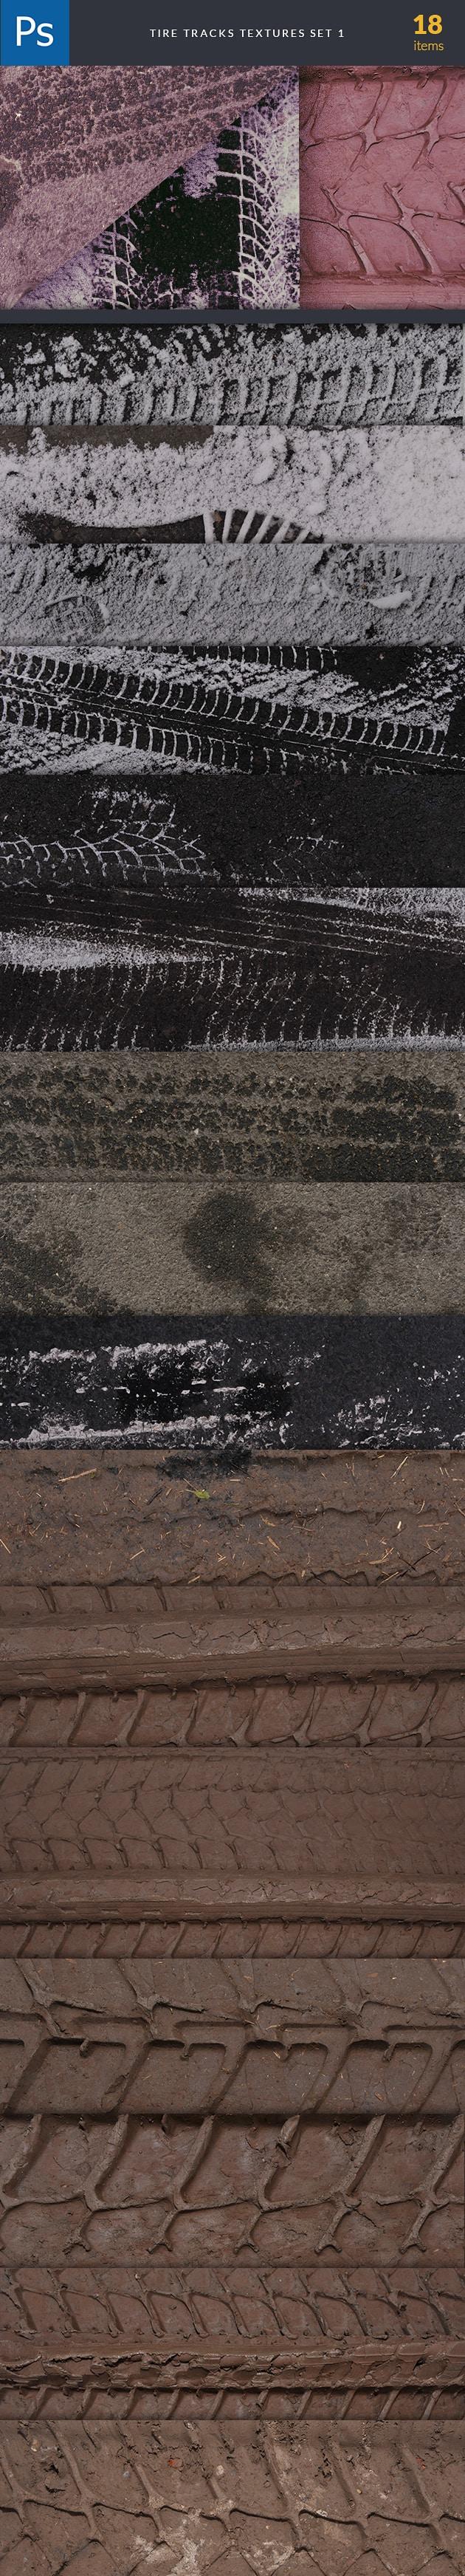 designtnt-textures-tire-tracks-set-preview-large